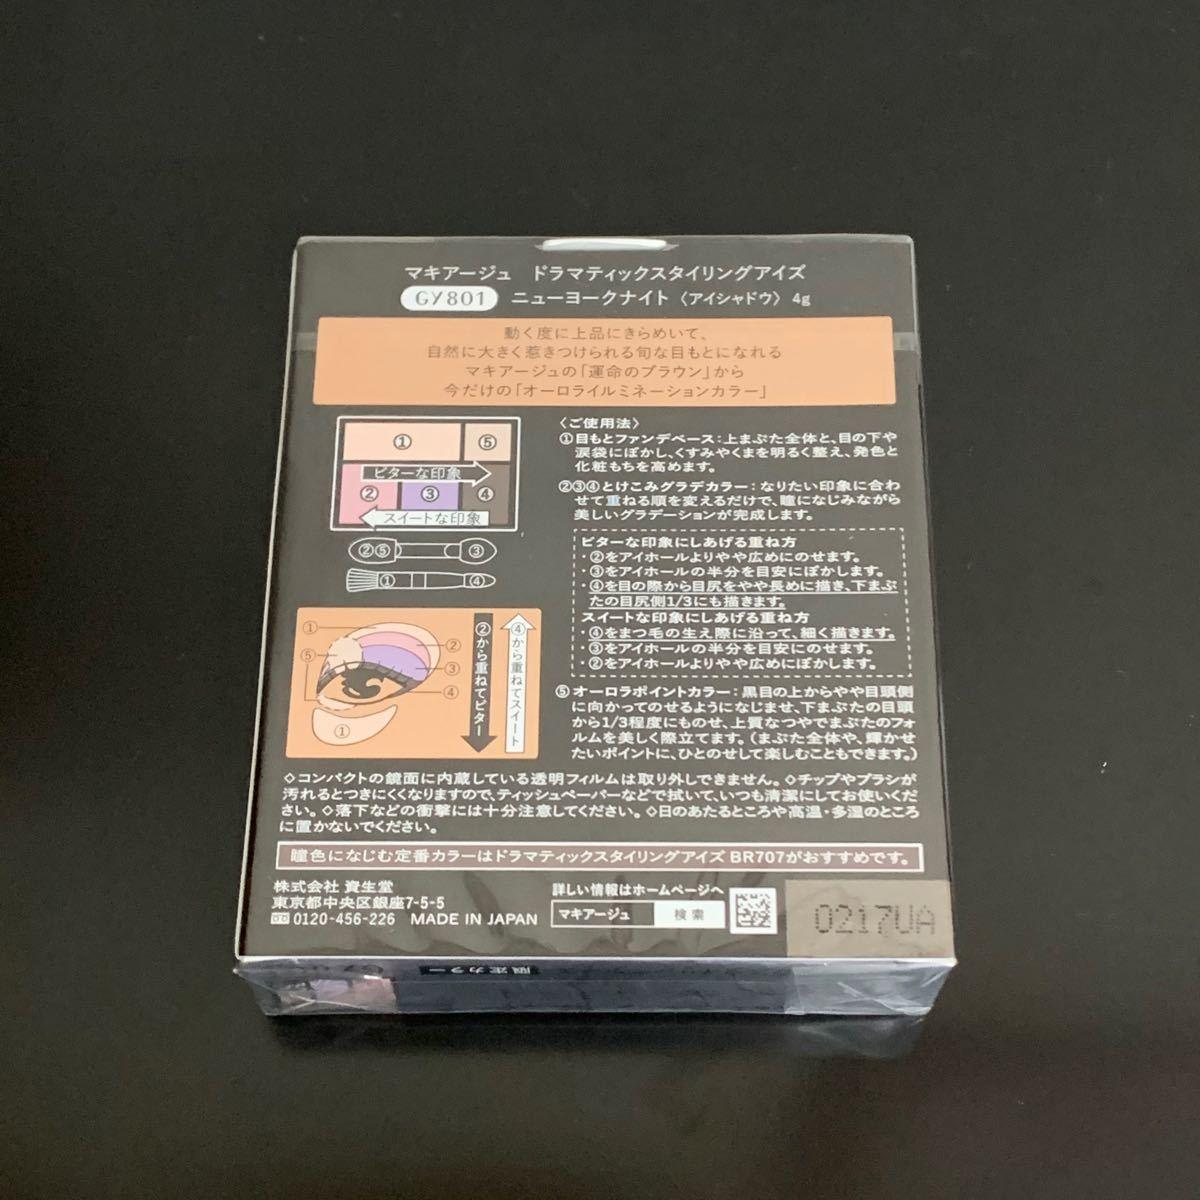 マキアージュ ドラマティックスタイリングアイズGY801 ニューヨークナイト オーロライルミネーションカラー数量限定色